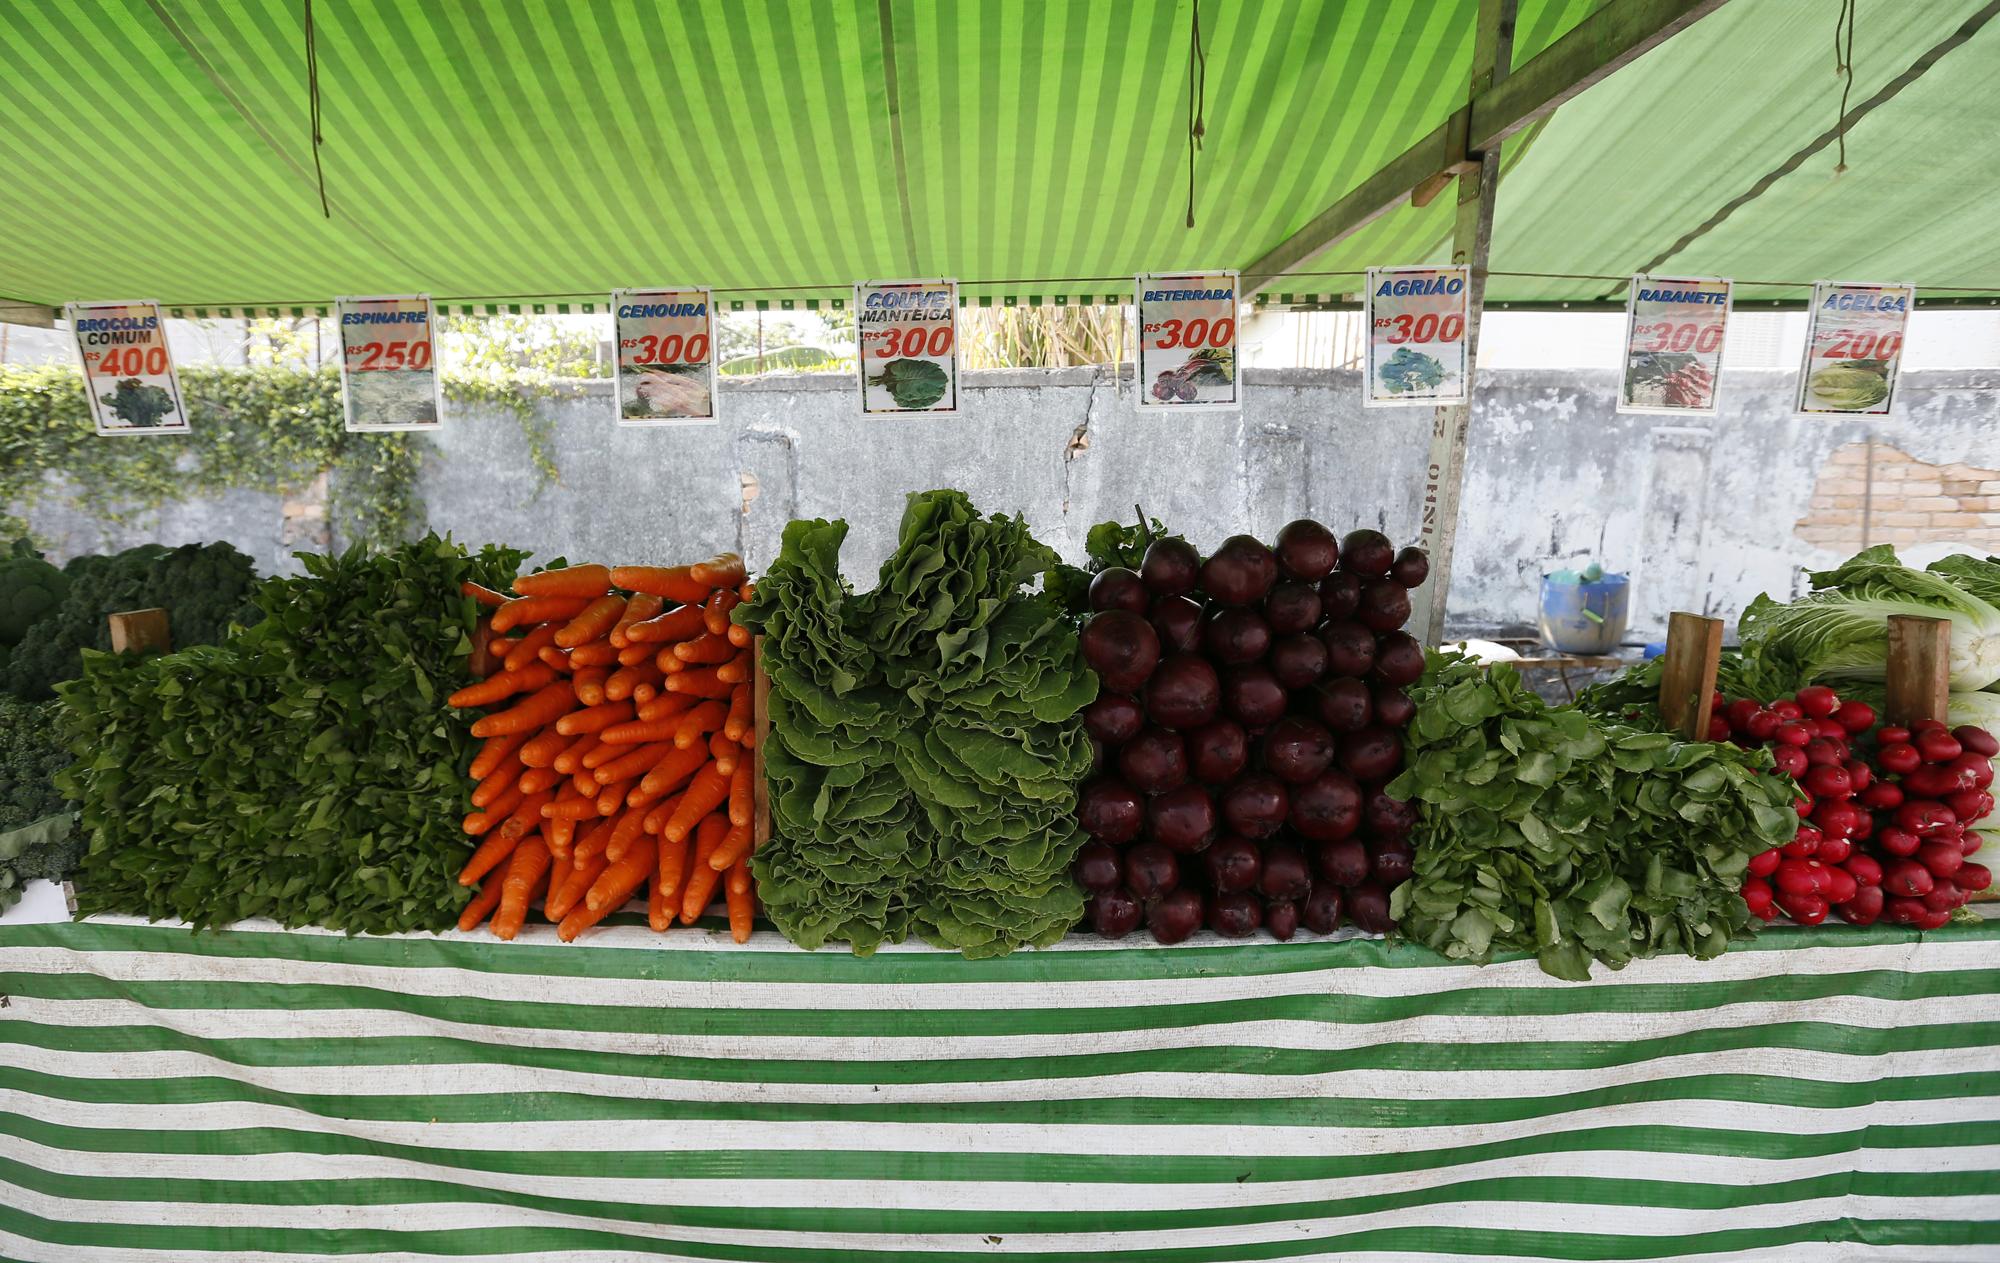 Alimentos - Frutas e Verduras feira inflação alimentação nutrição